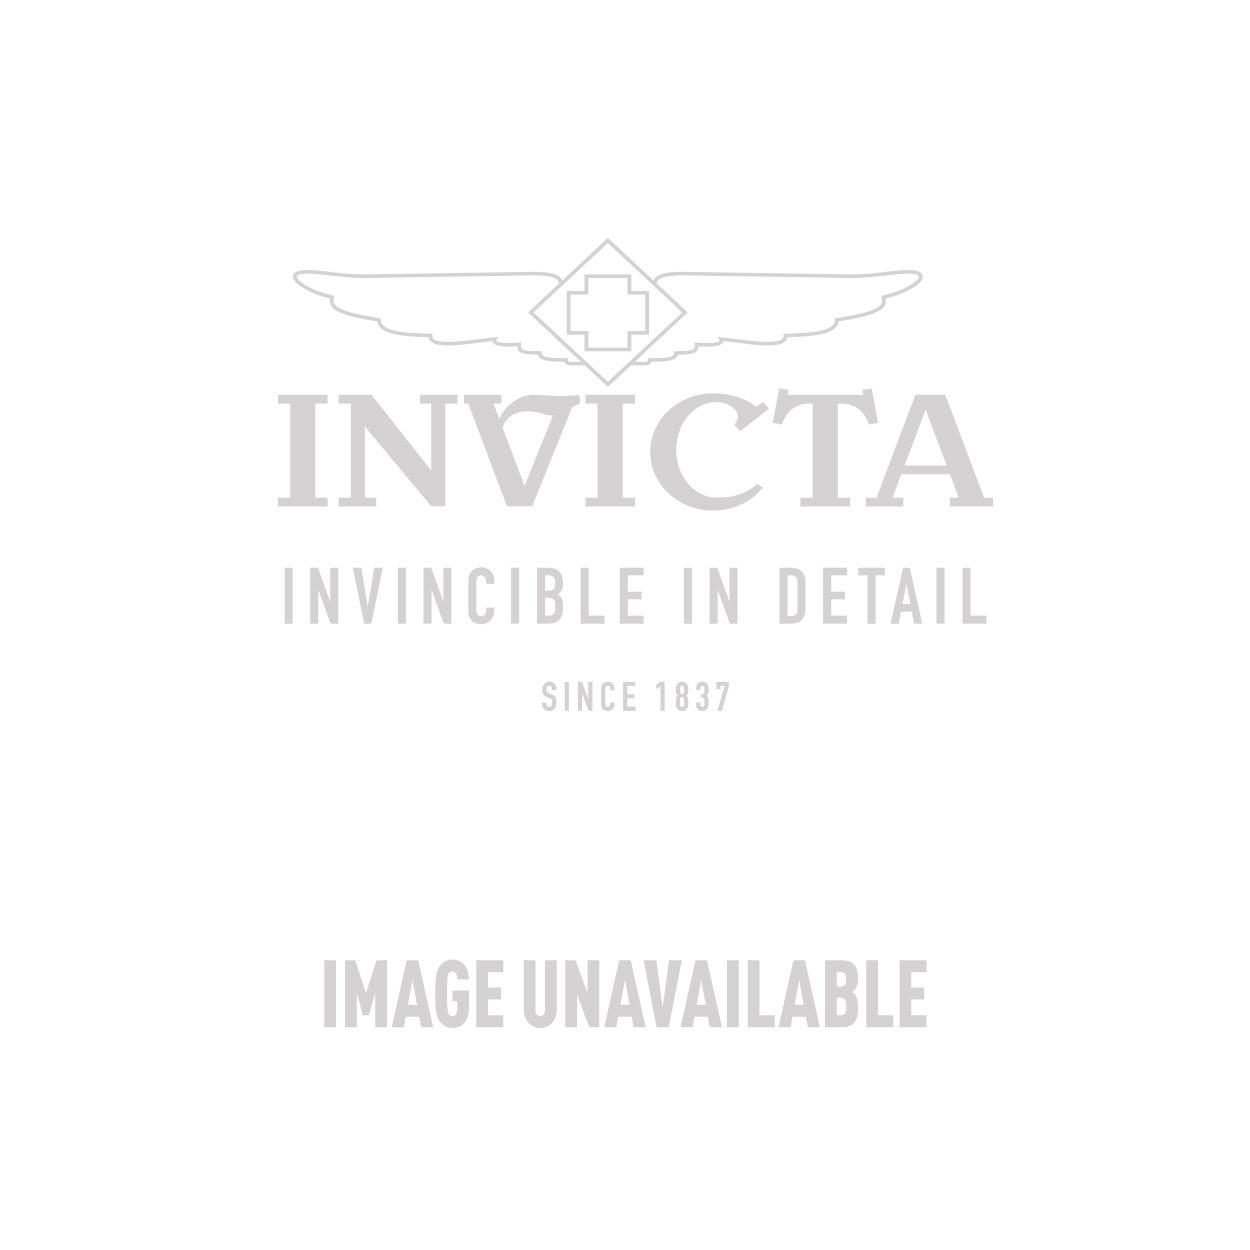 Invicta Model 27712